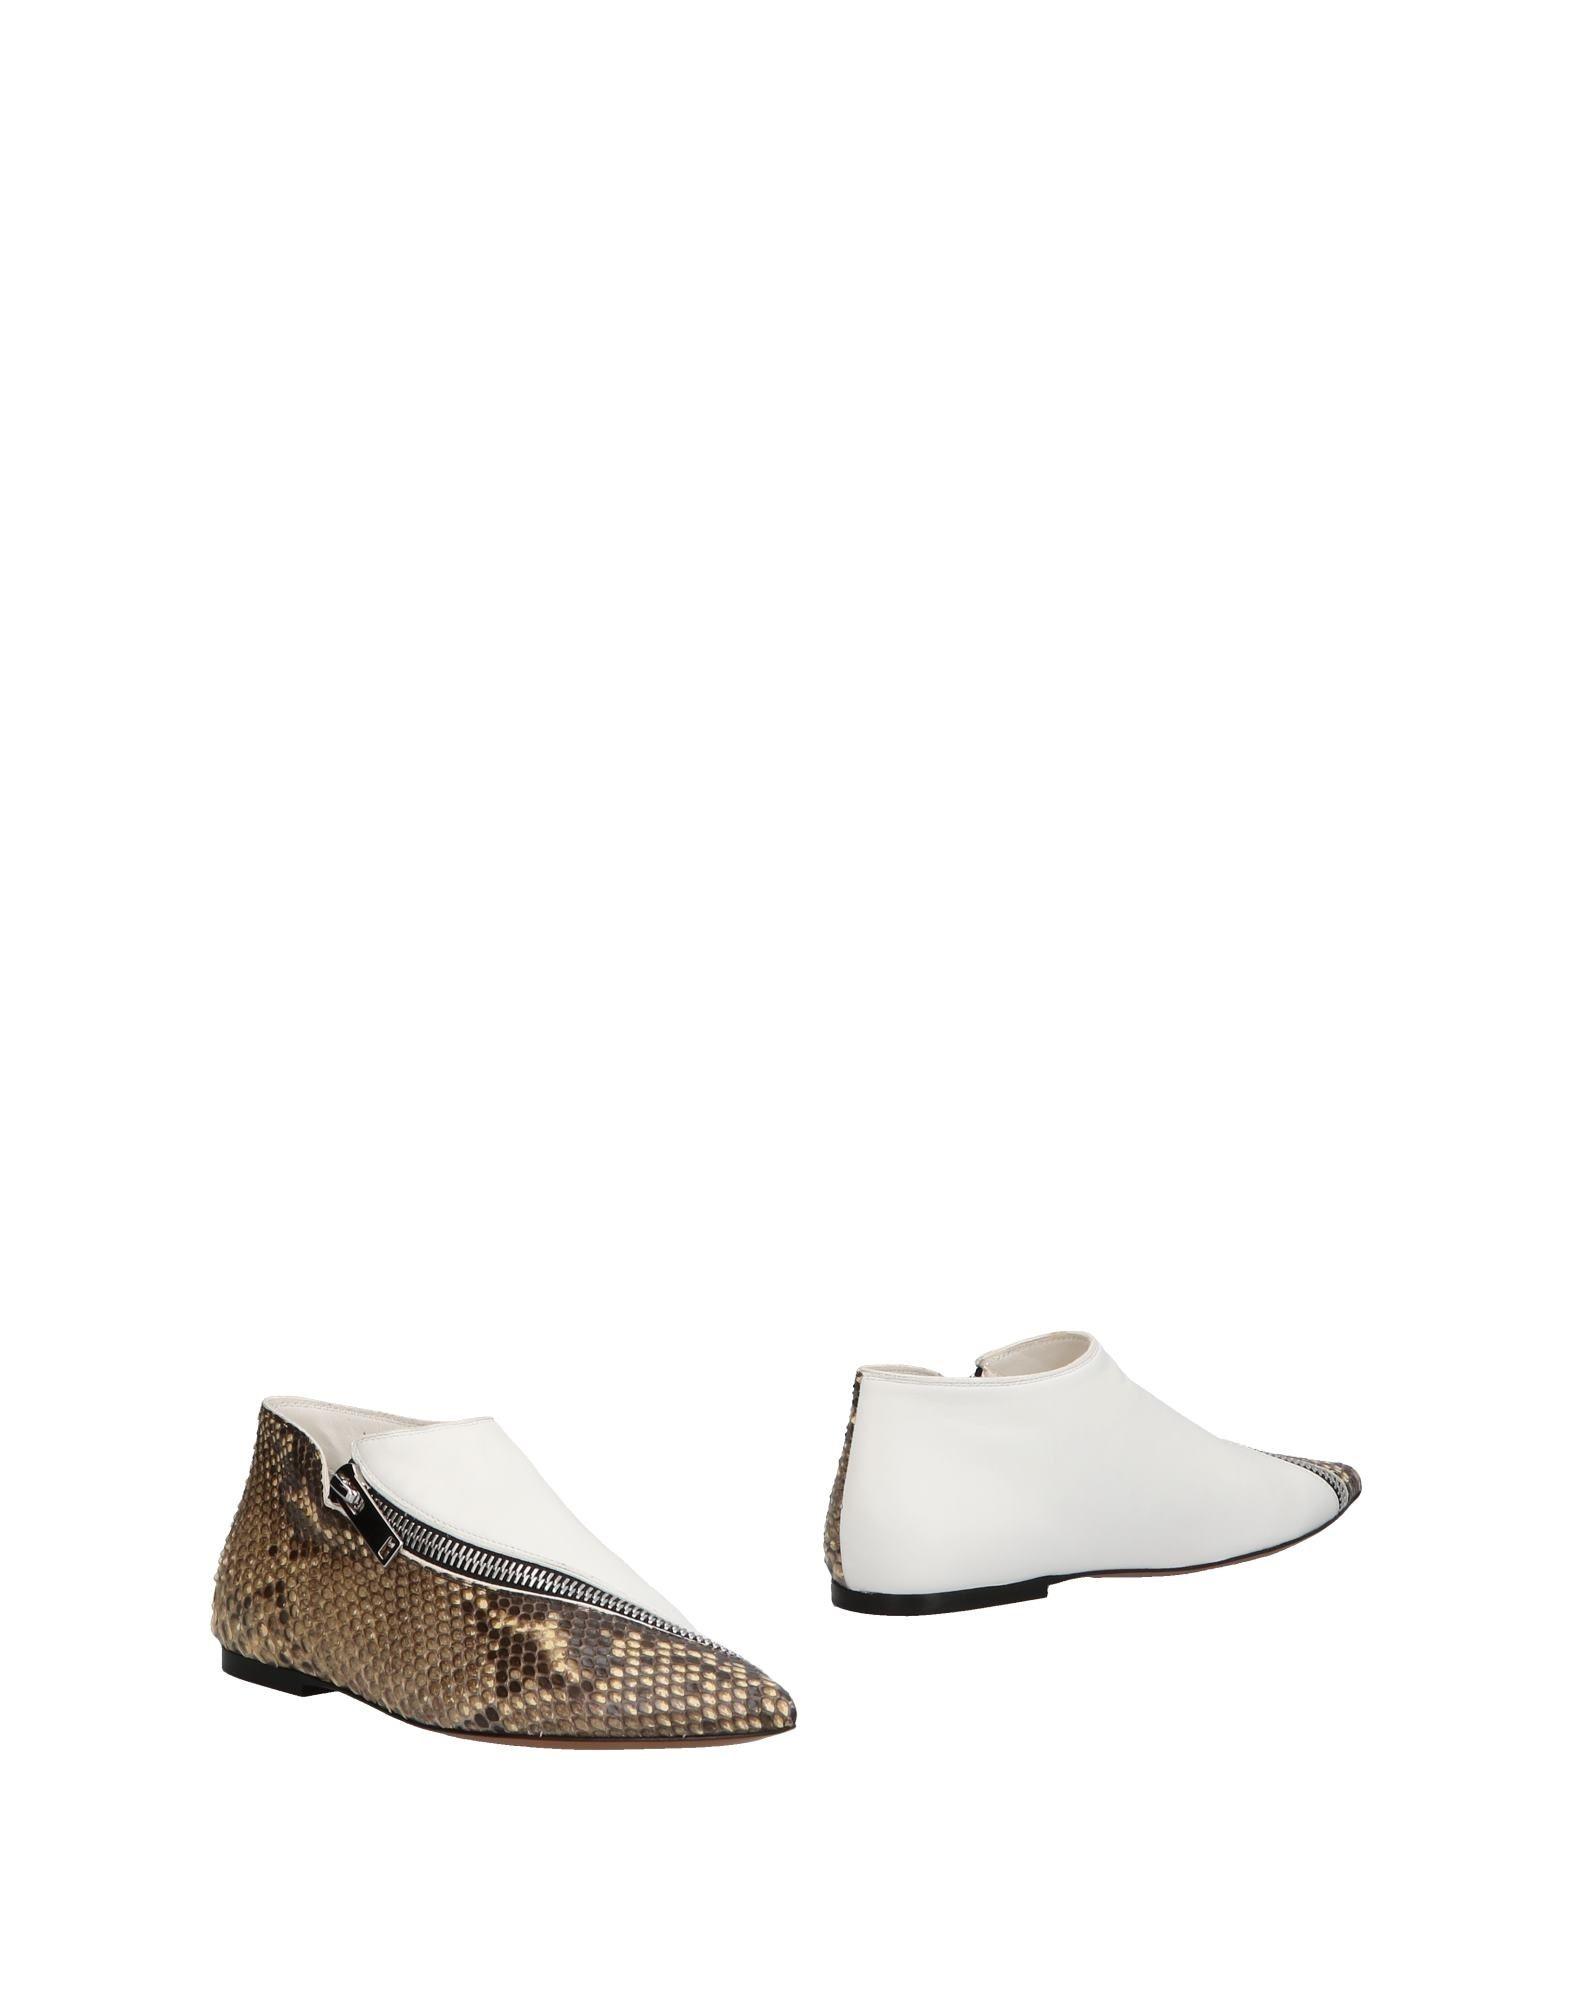 Haltbare Mode billige Schuhe Céline Stiefelette Damen  11505030OP Heiße Schuhe